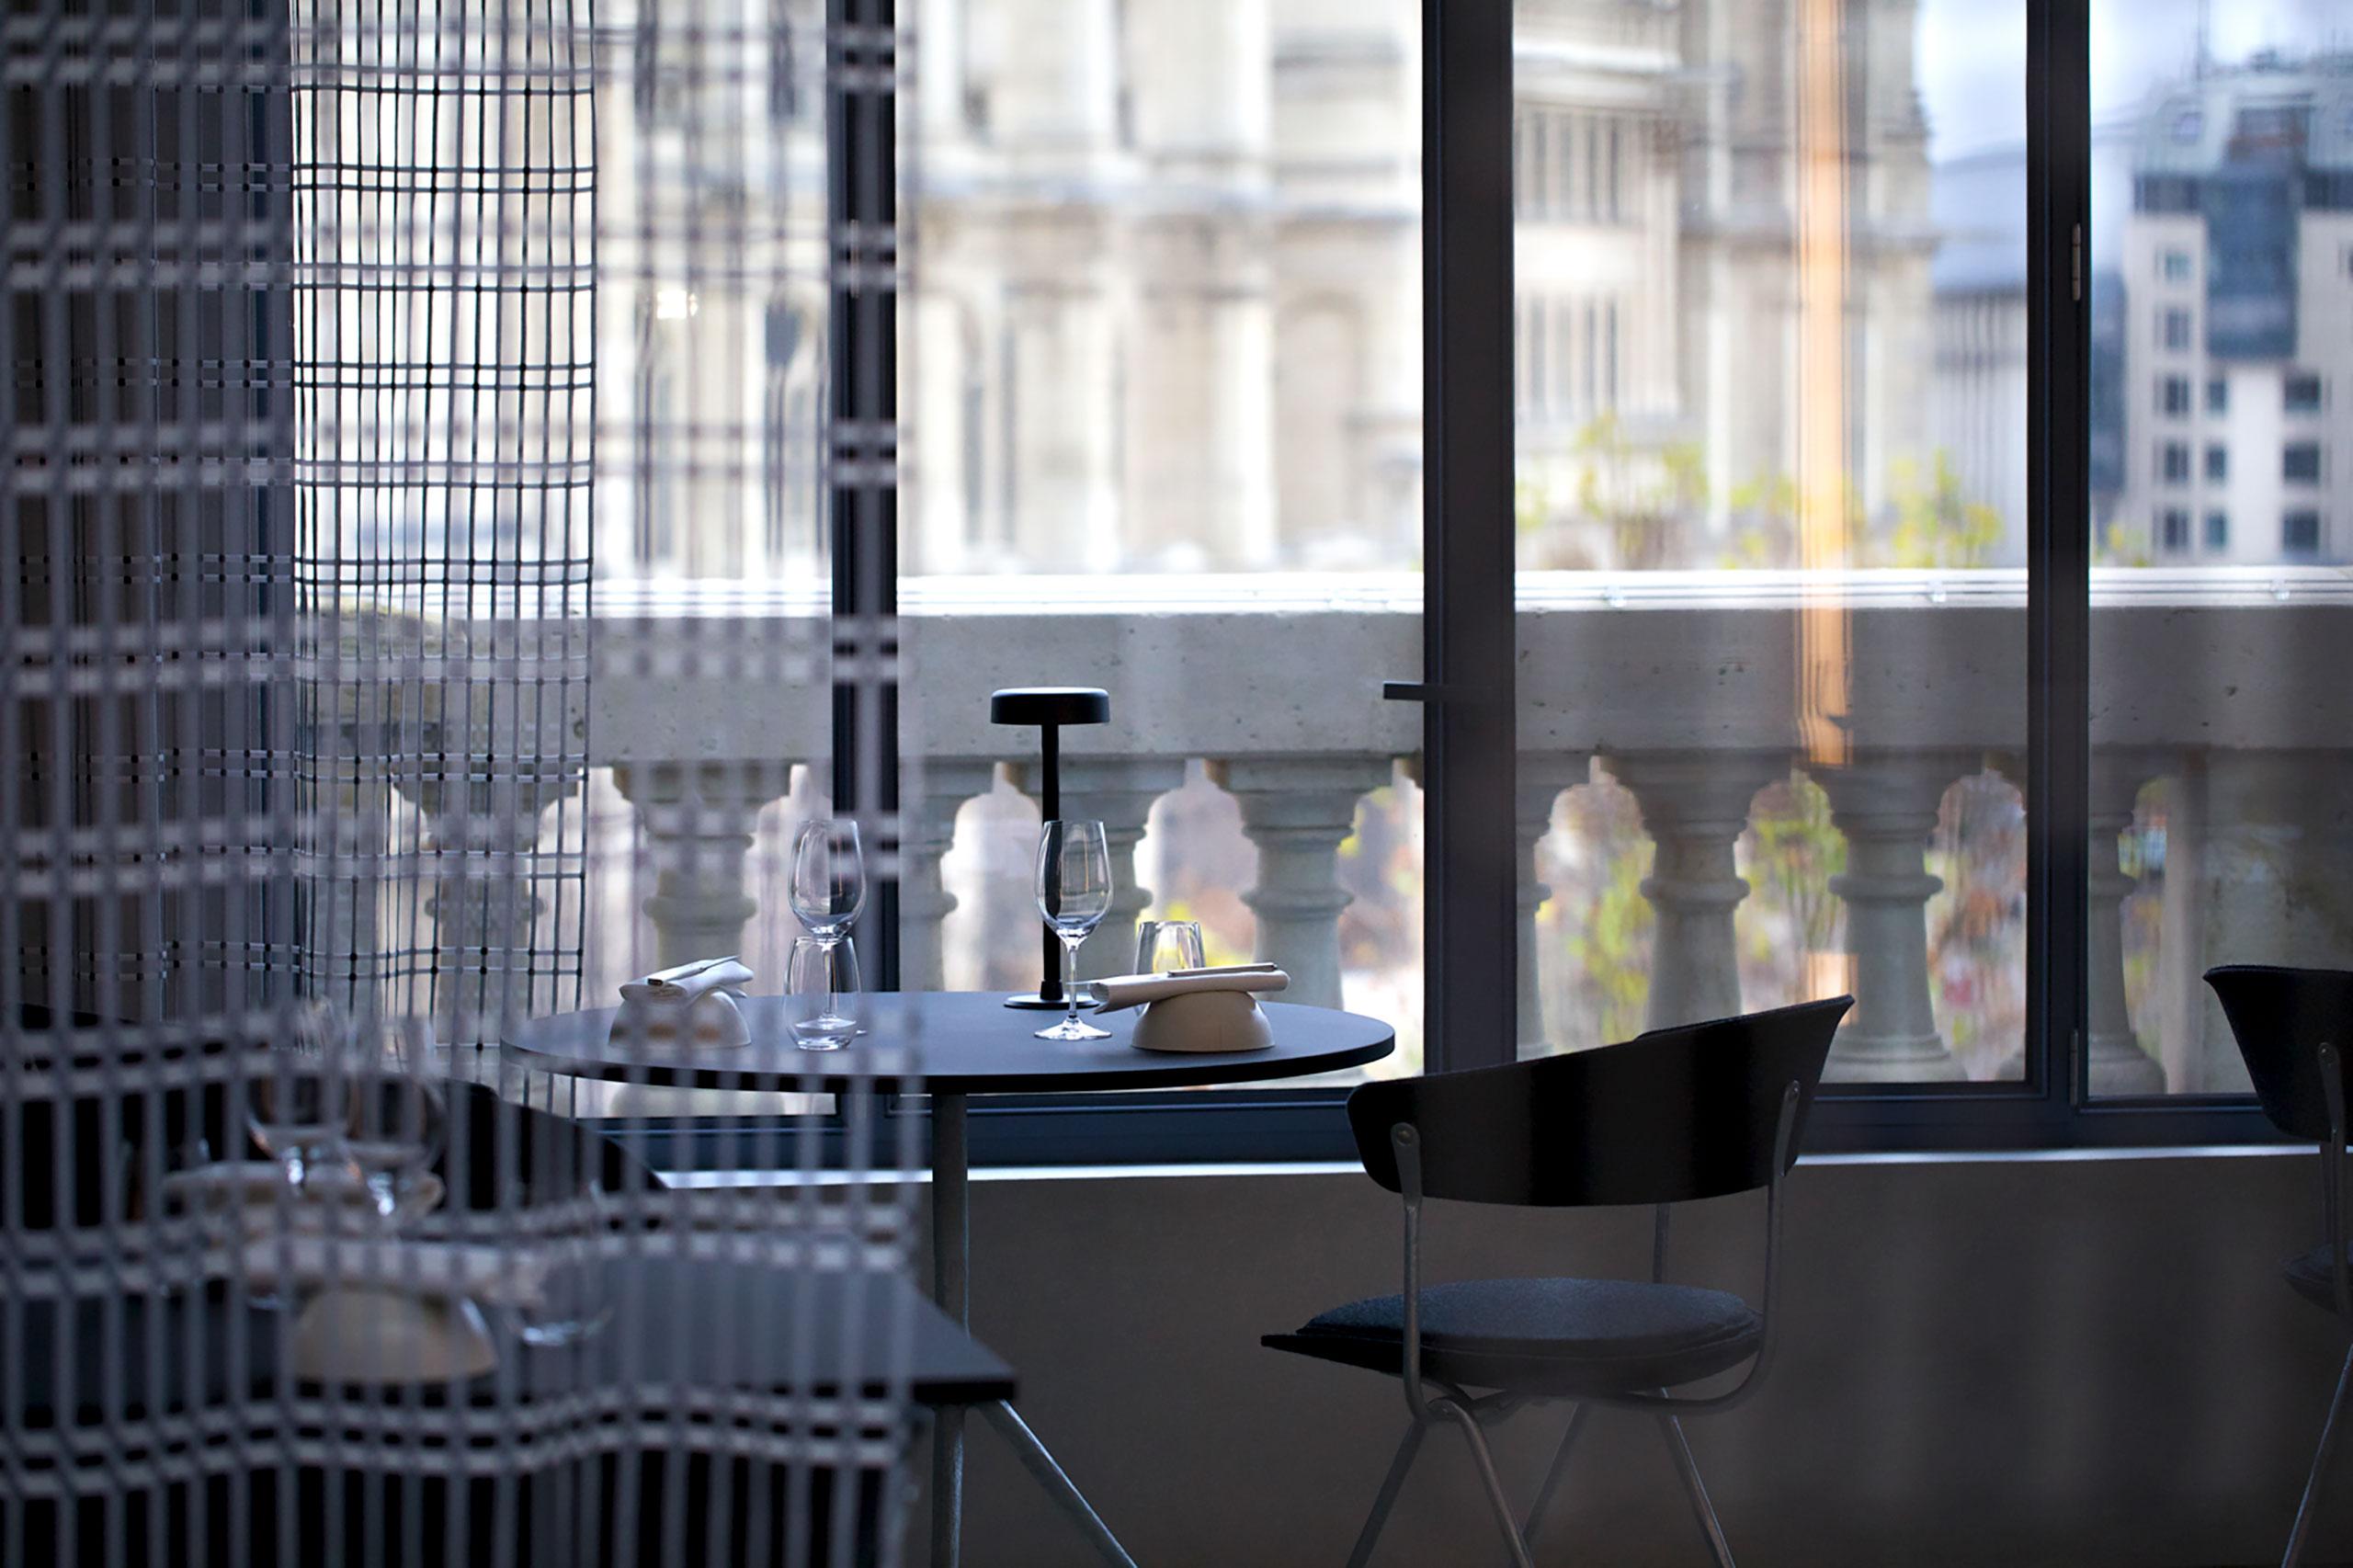 Bras - La Halle aux grains.Restaurant-Café at the 3rd floor ofBourse de Commerce.Photo Laurent Dupont